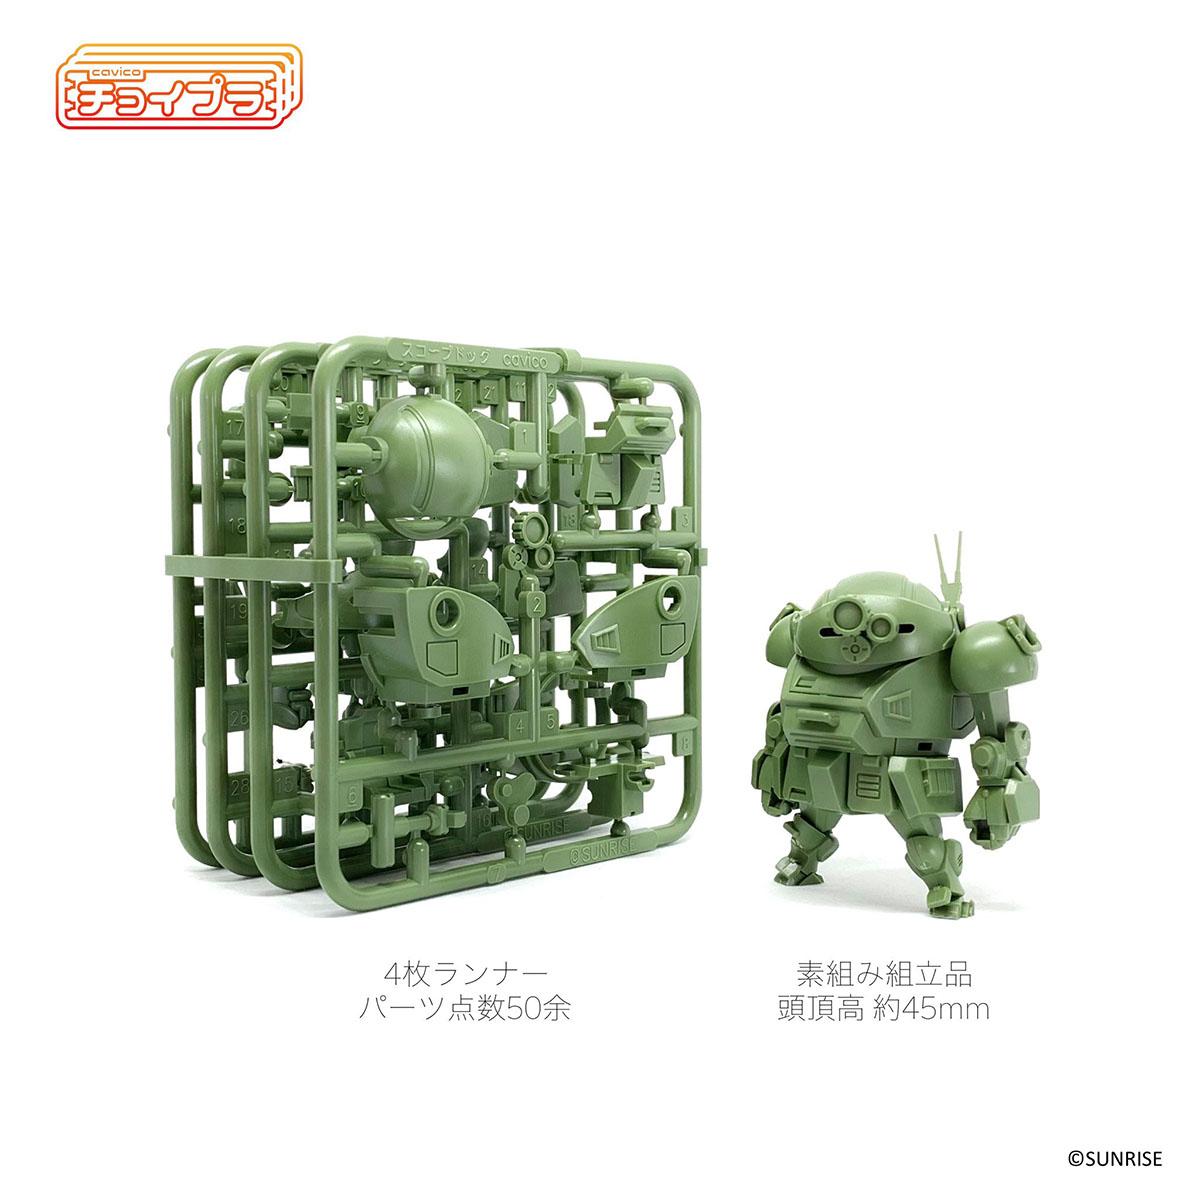 チョイプラ『装甲騎兵ボトムズ スコープドッグ』プラモデル-017